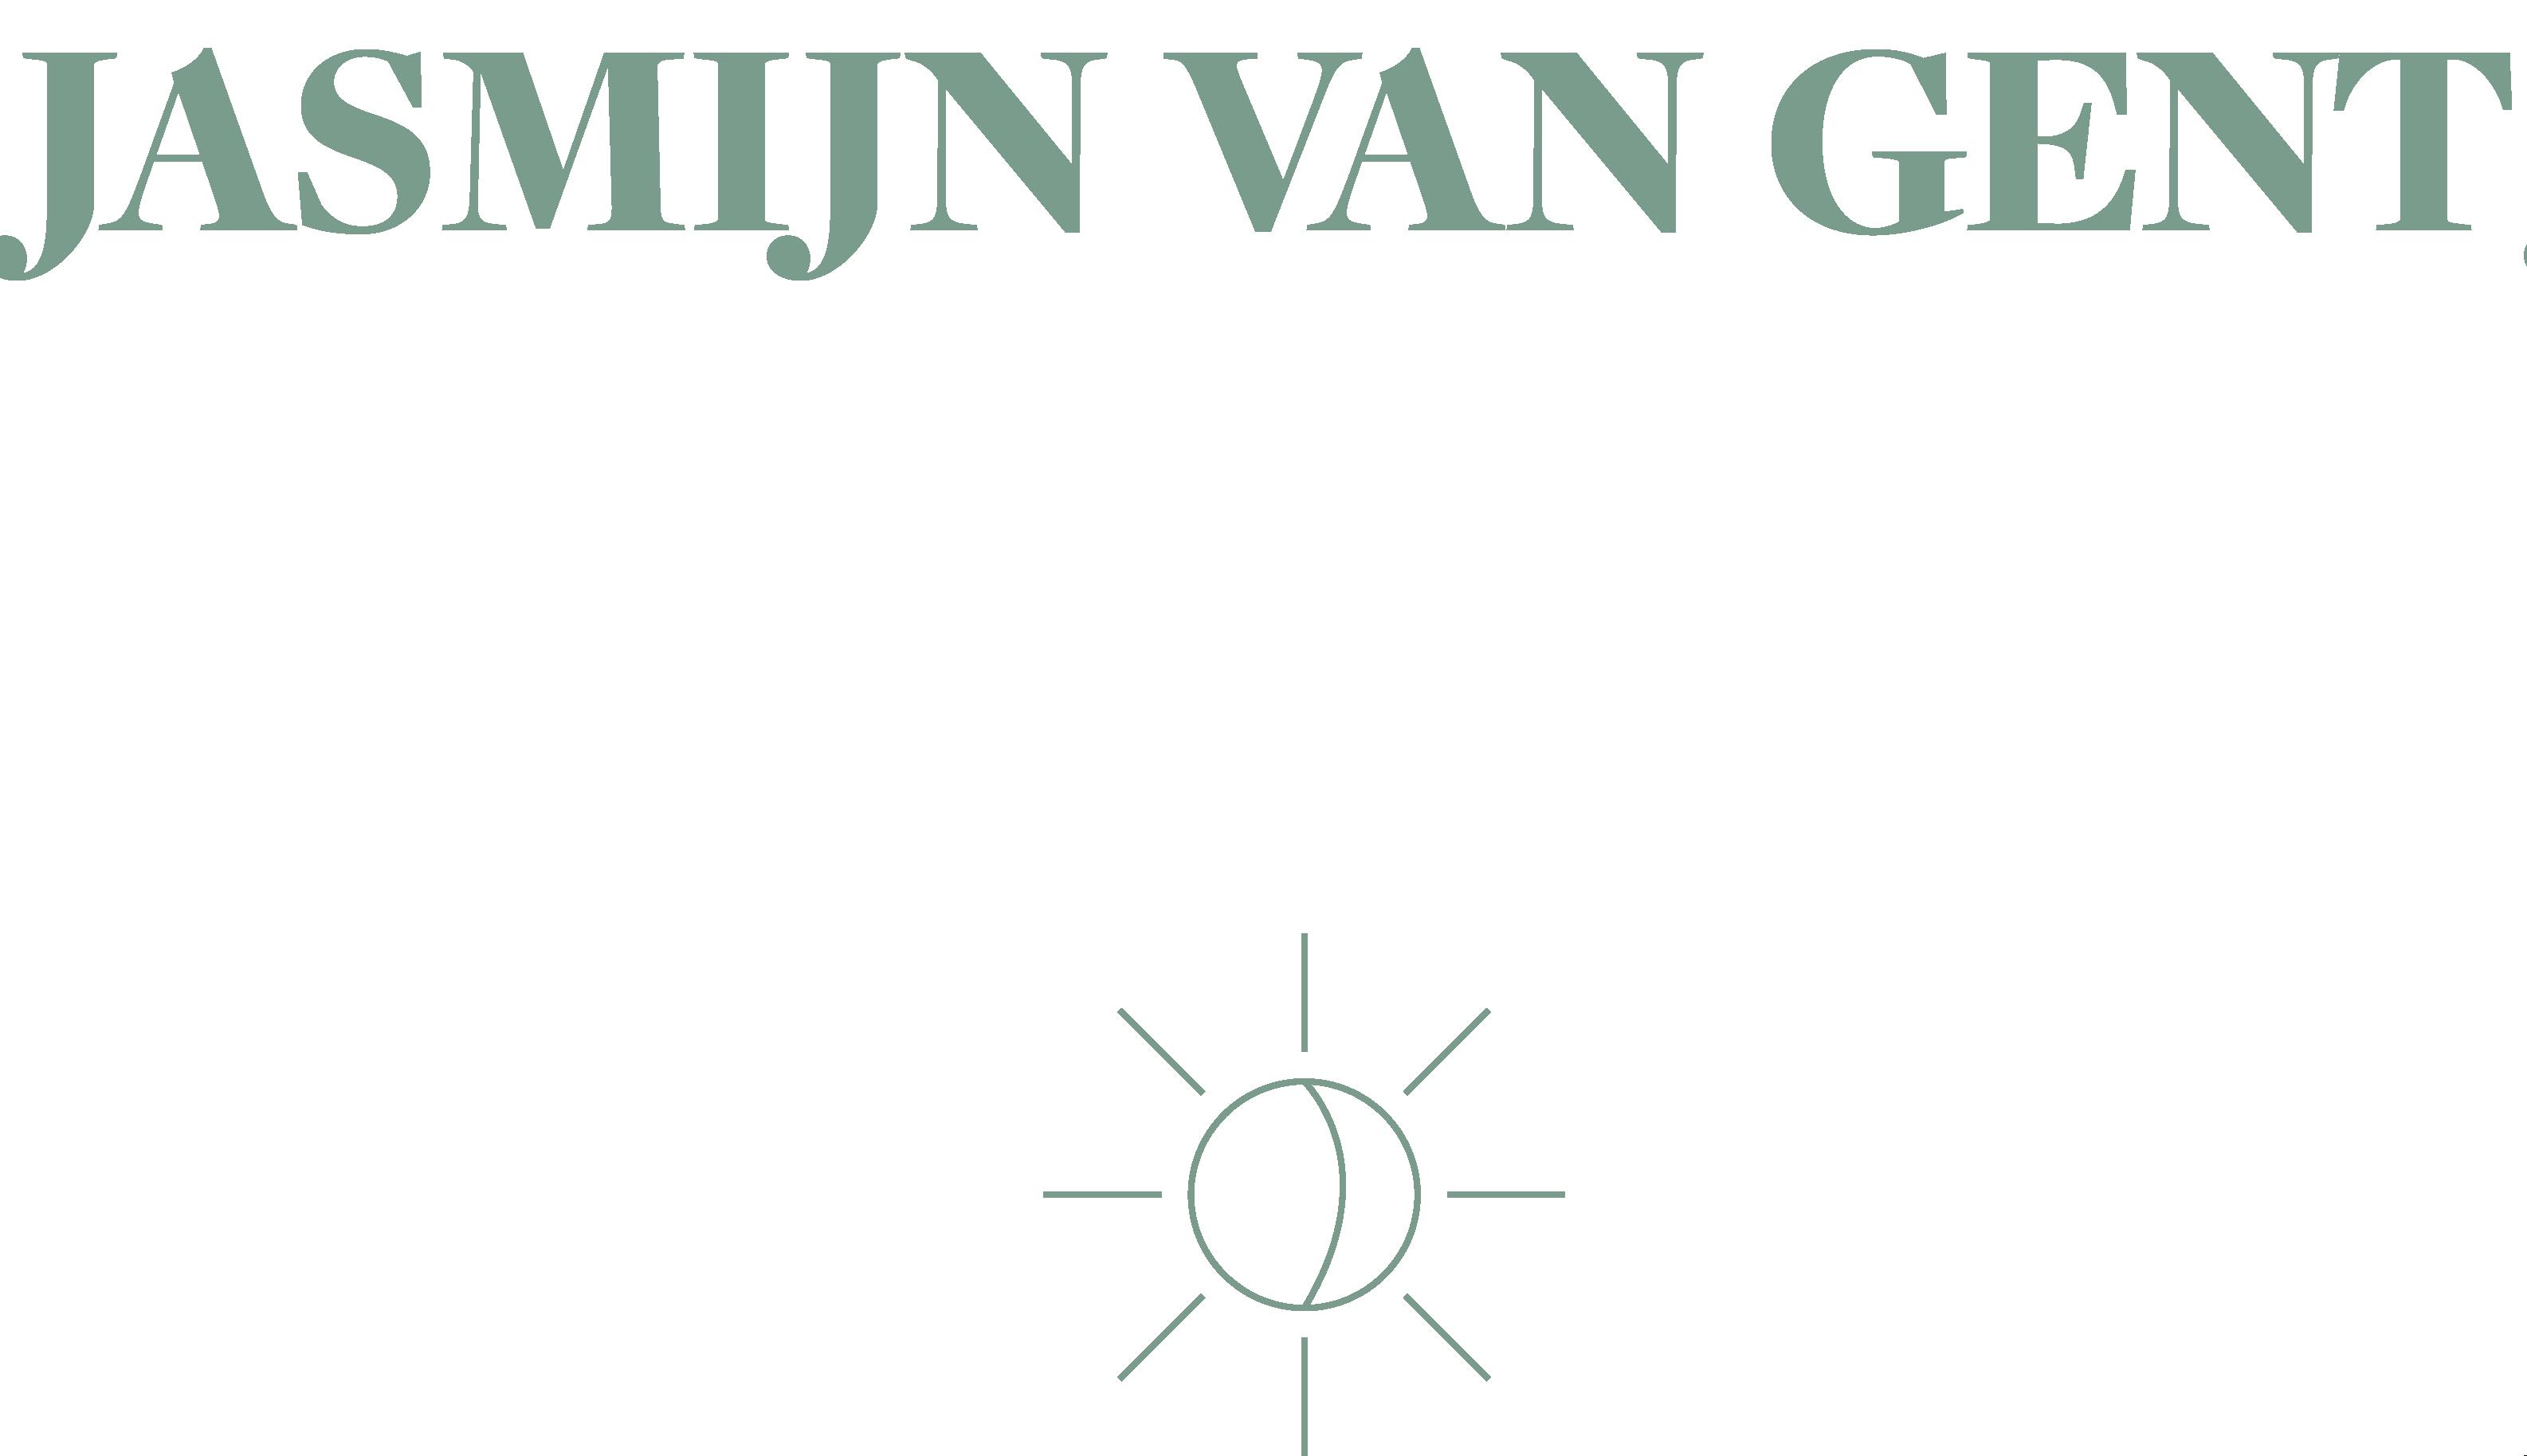 Jasmijn van Gent